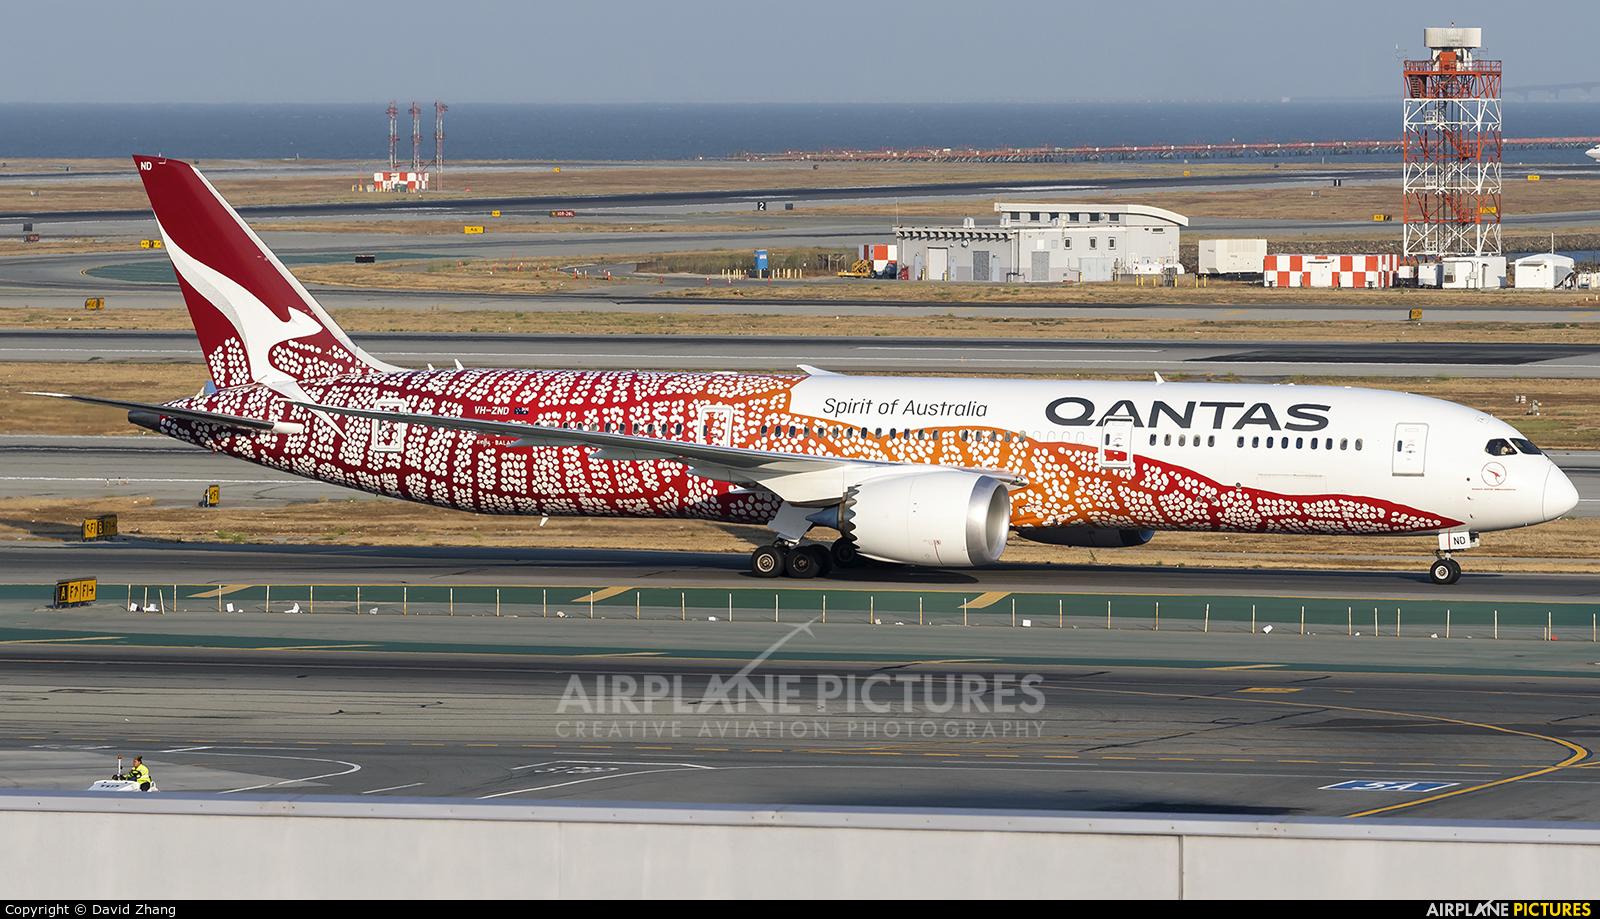 QANTAS VH-ZND aircraft at San Francisco Intl